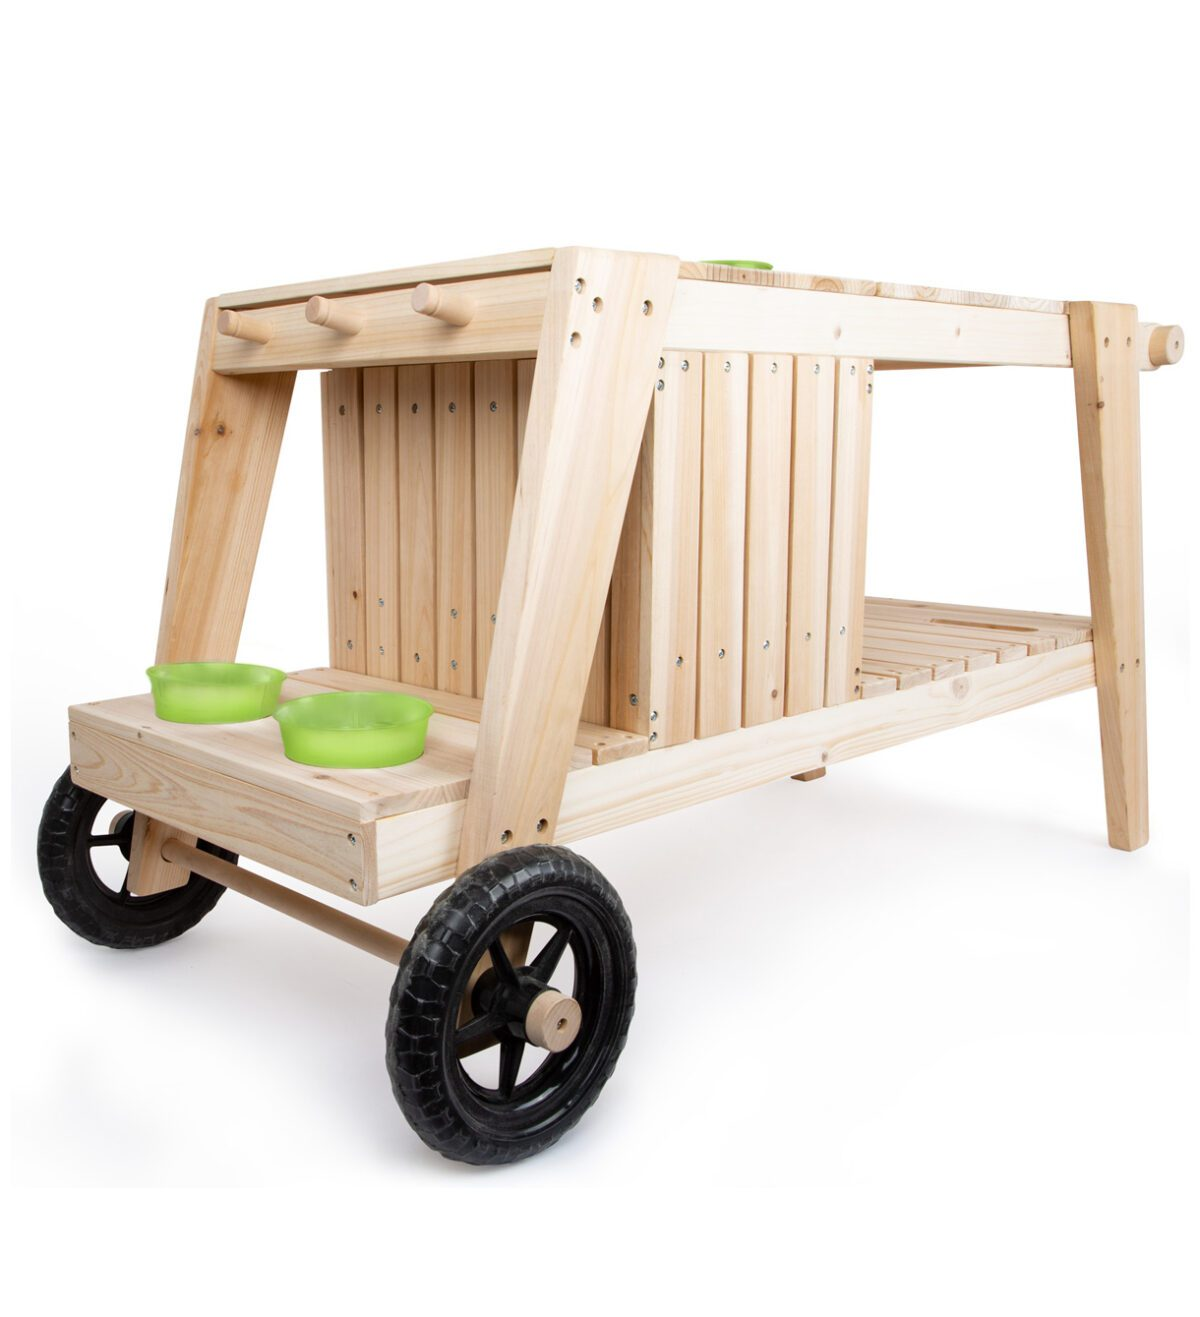 modderkeuken met wielen voor kinderen